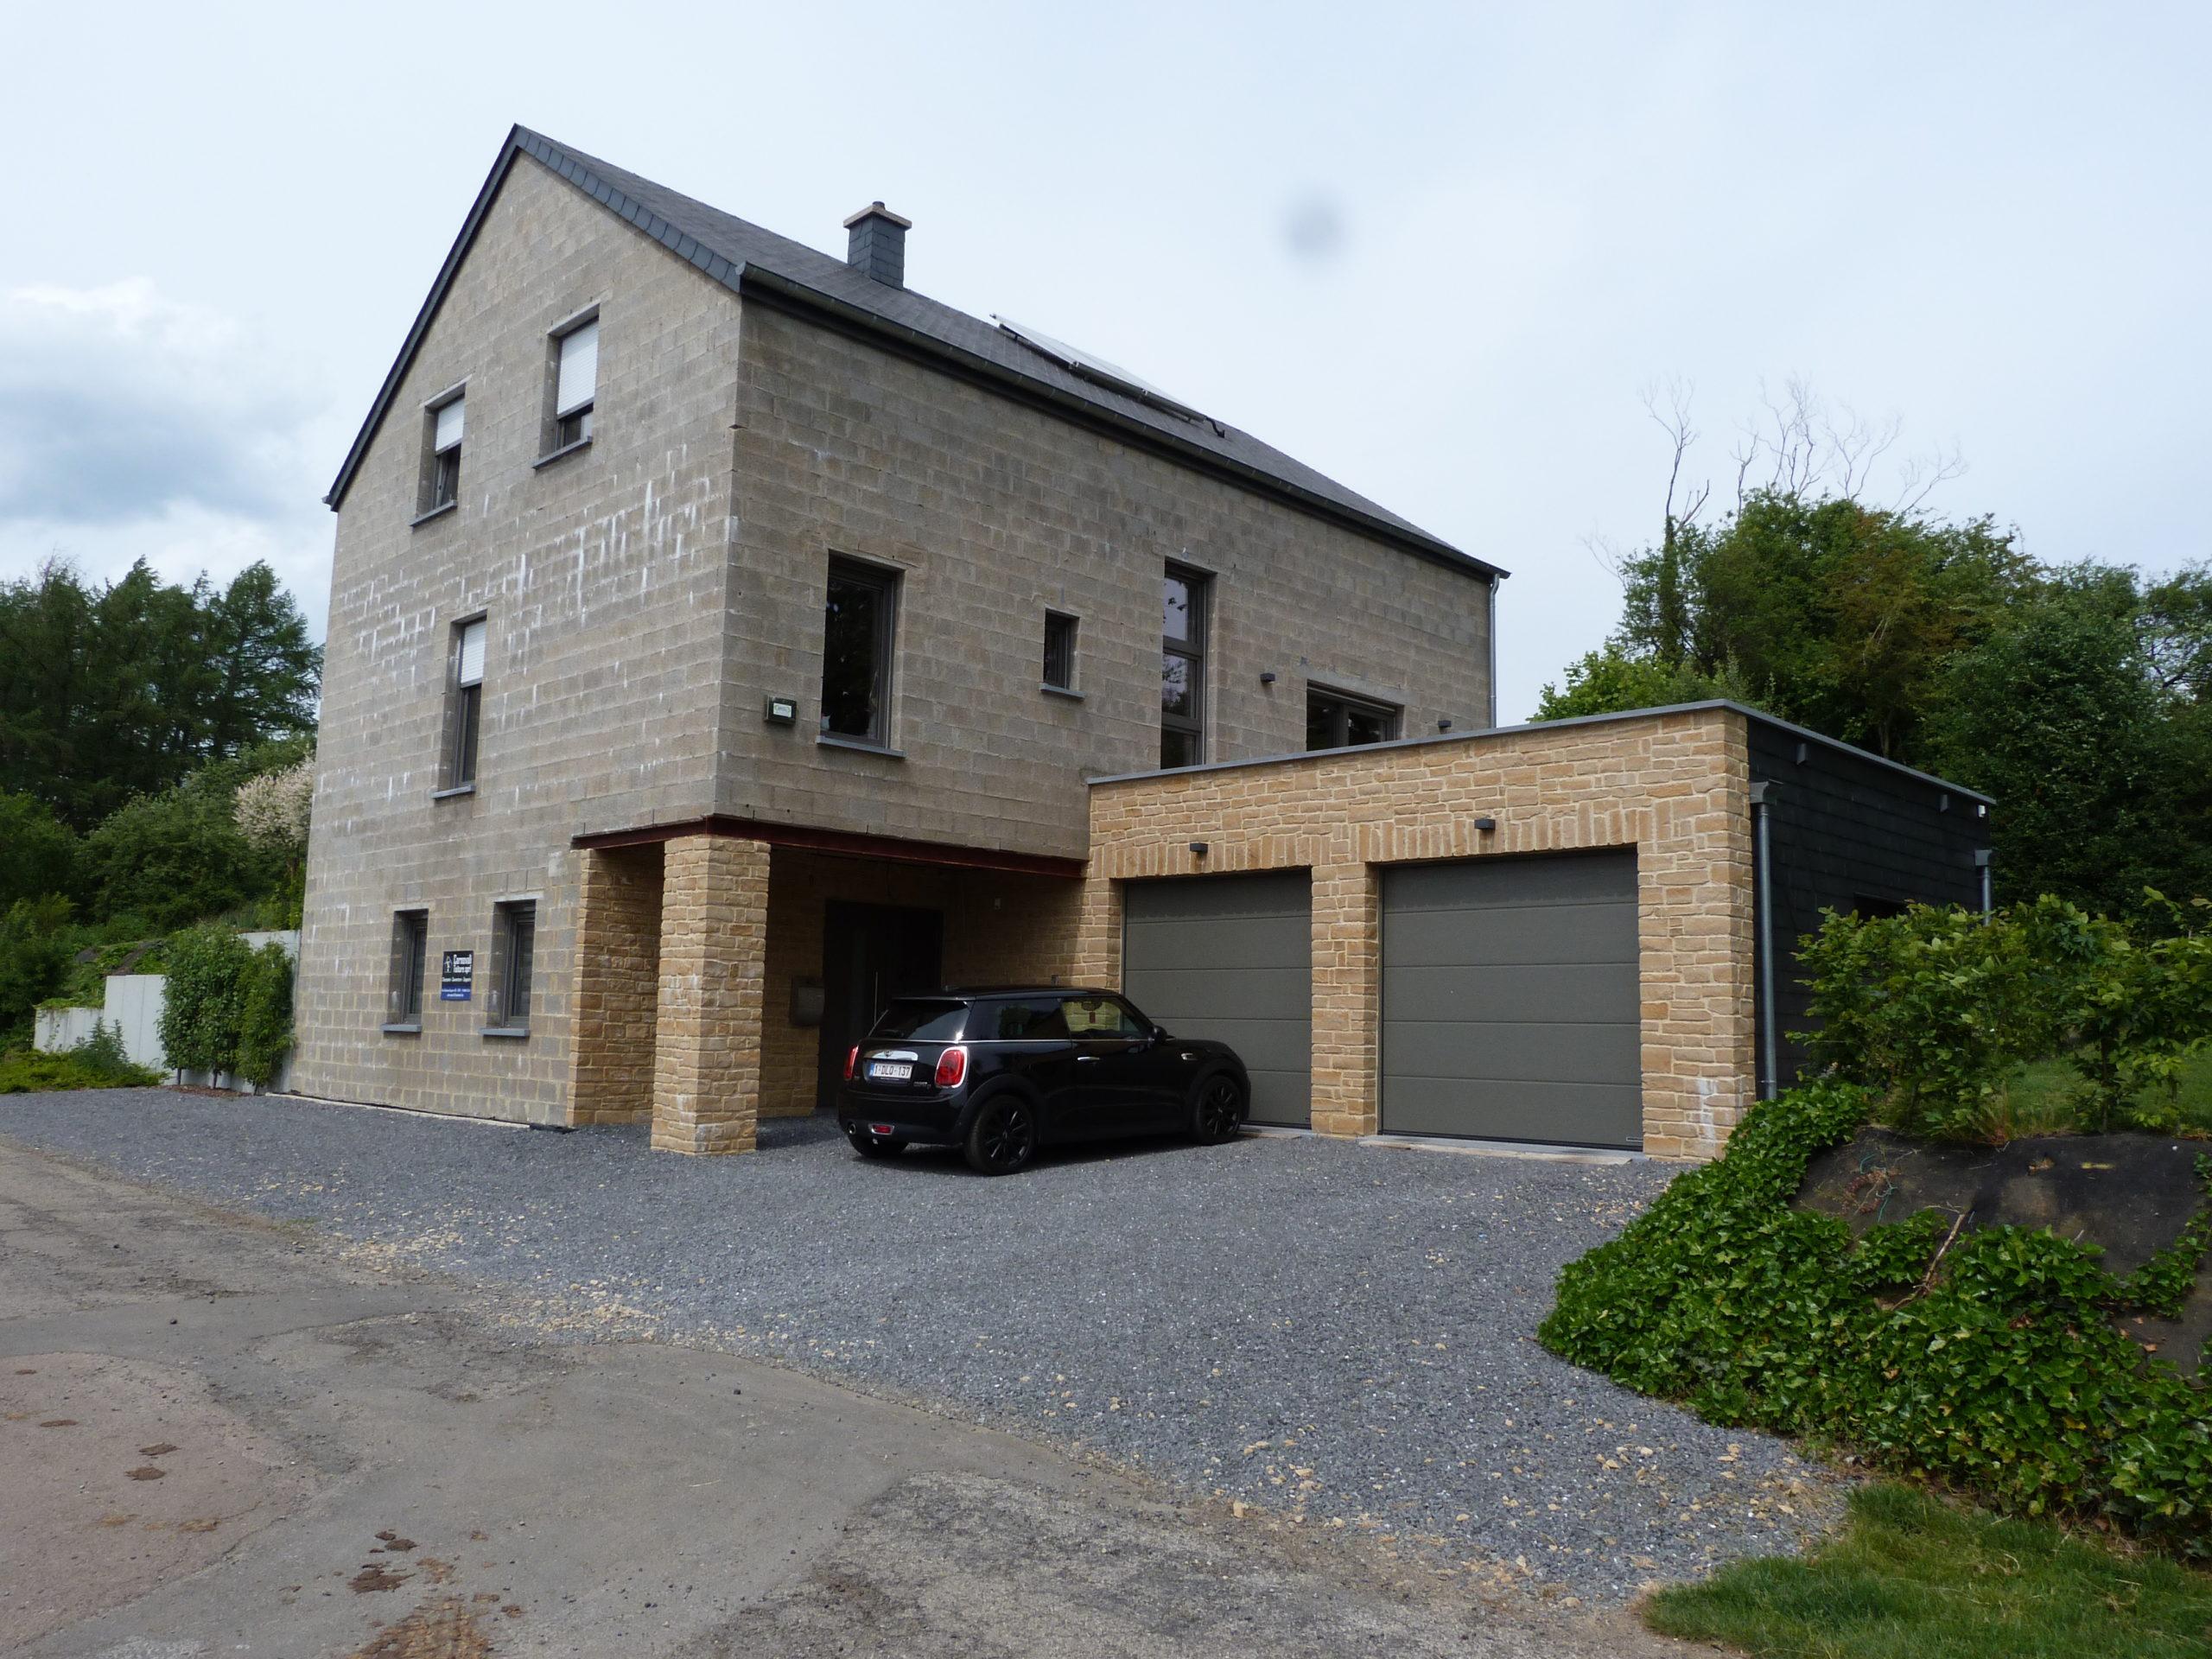 Maison 4 façades à Mussy la Ville 2 2 scaled